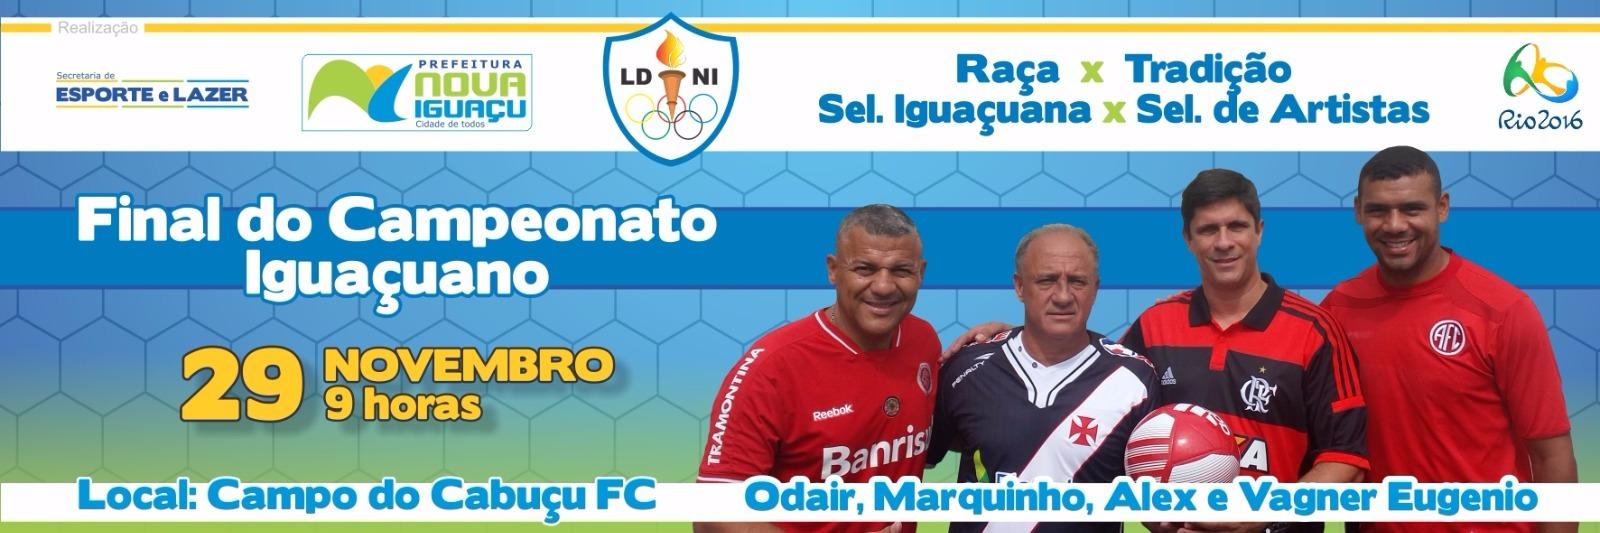 Final Campeonato Iguaçuano de Futebol 2015